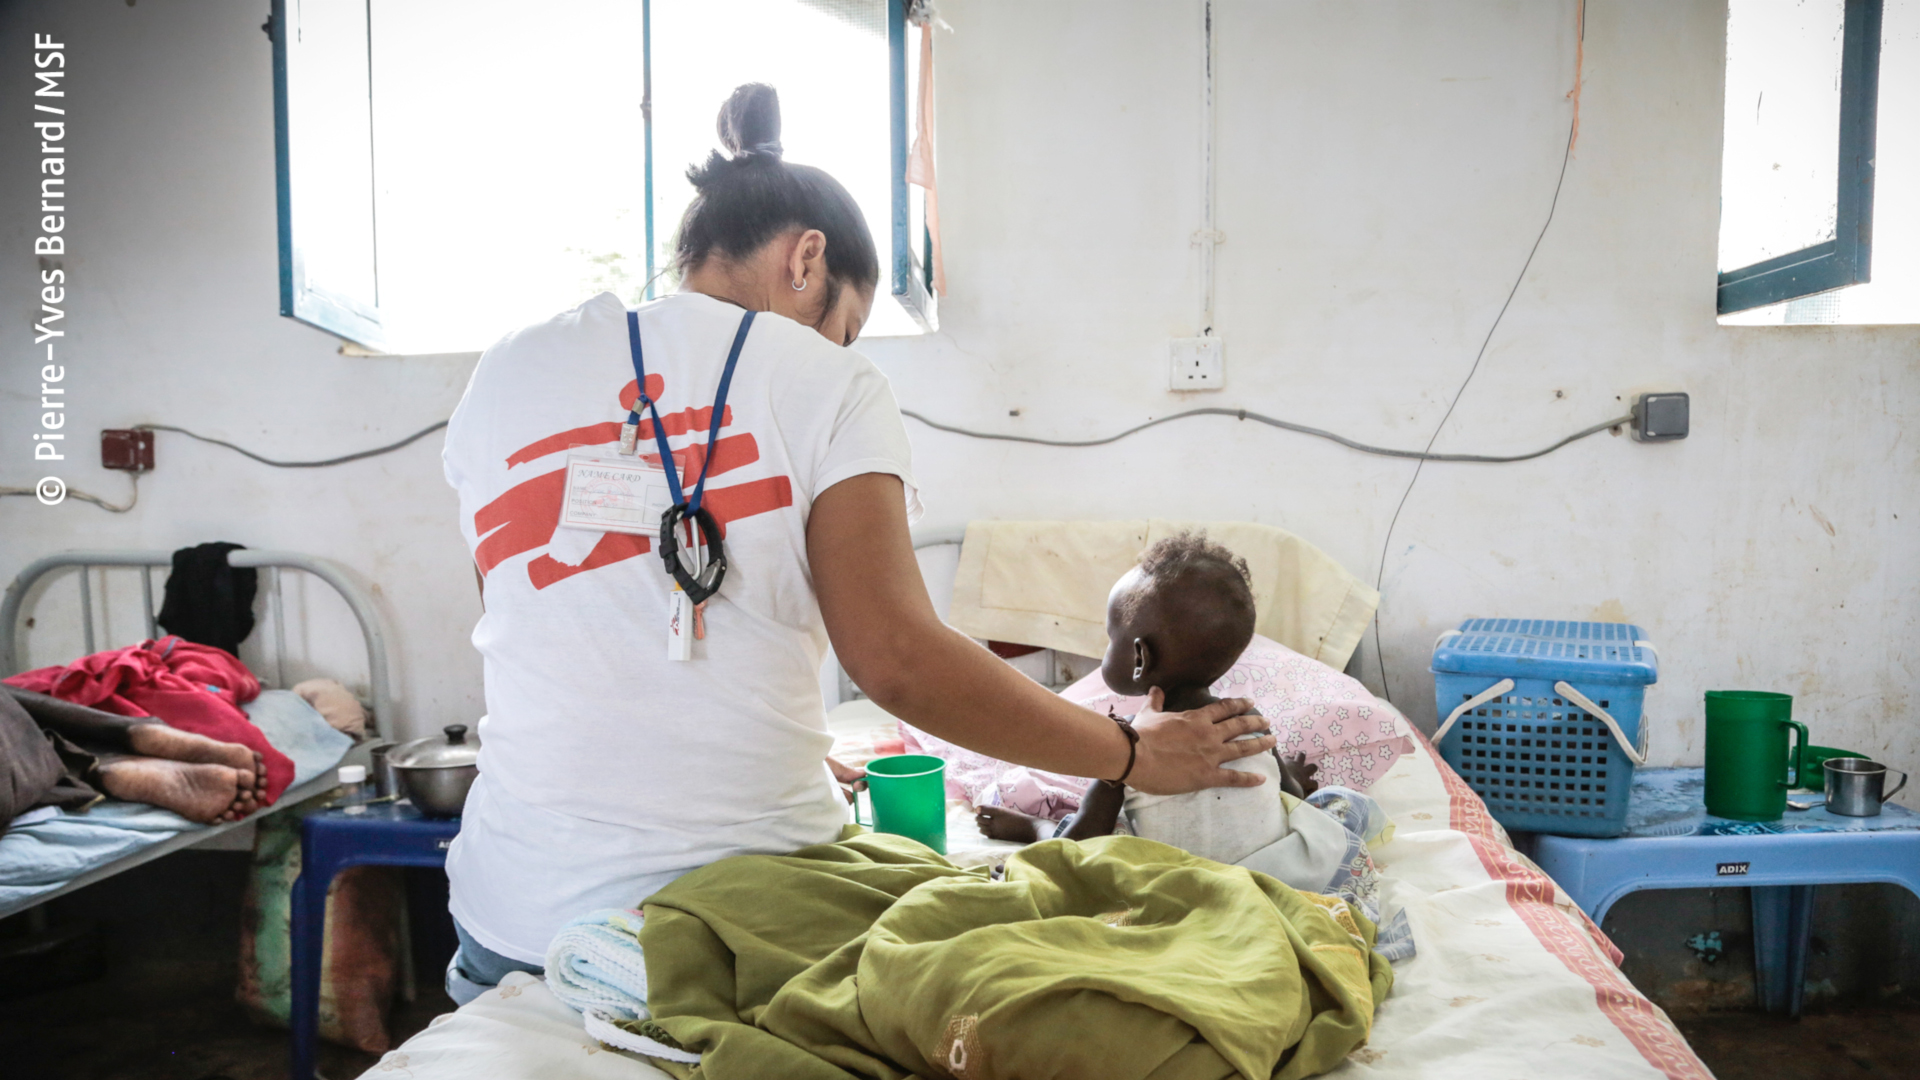 Yémen: Aide sous conditions extrêmes